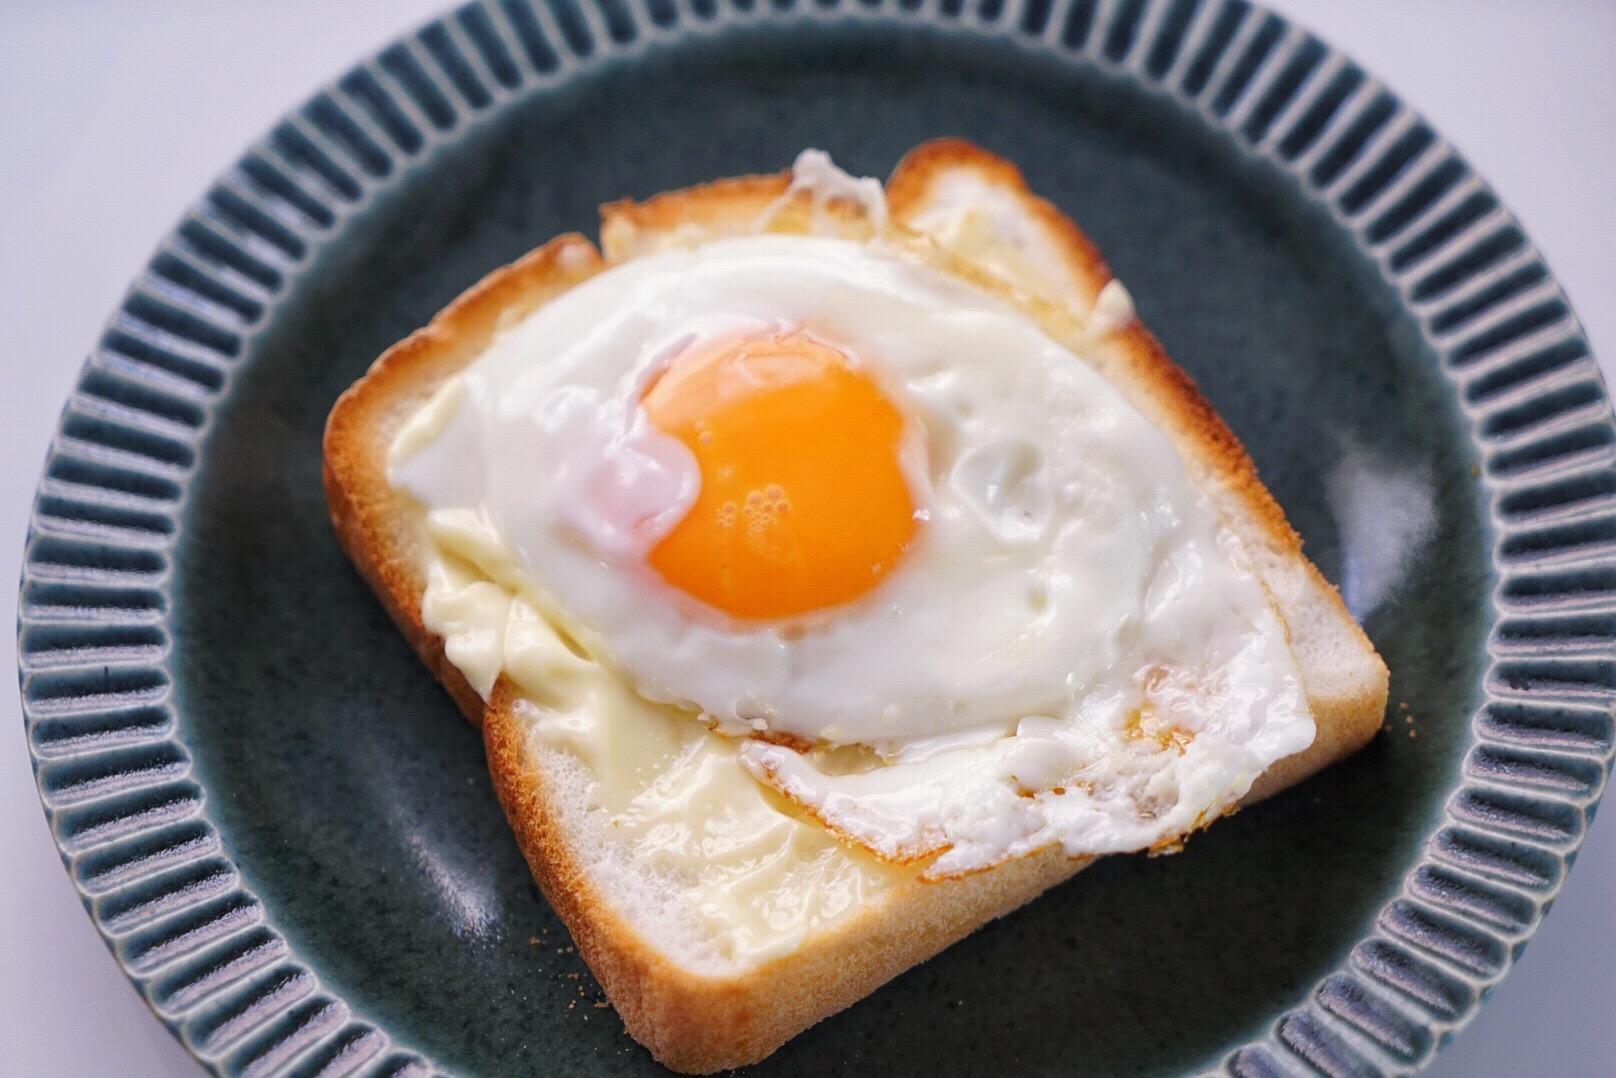 グルテンフリーパンの革命?高級食パンより美味しい「米粉パン」が誰でも焼ける!!【タイガーGRAND X】